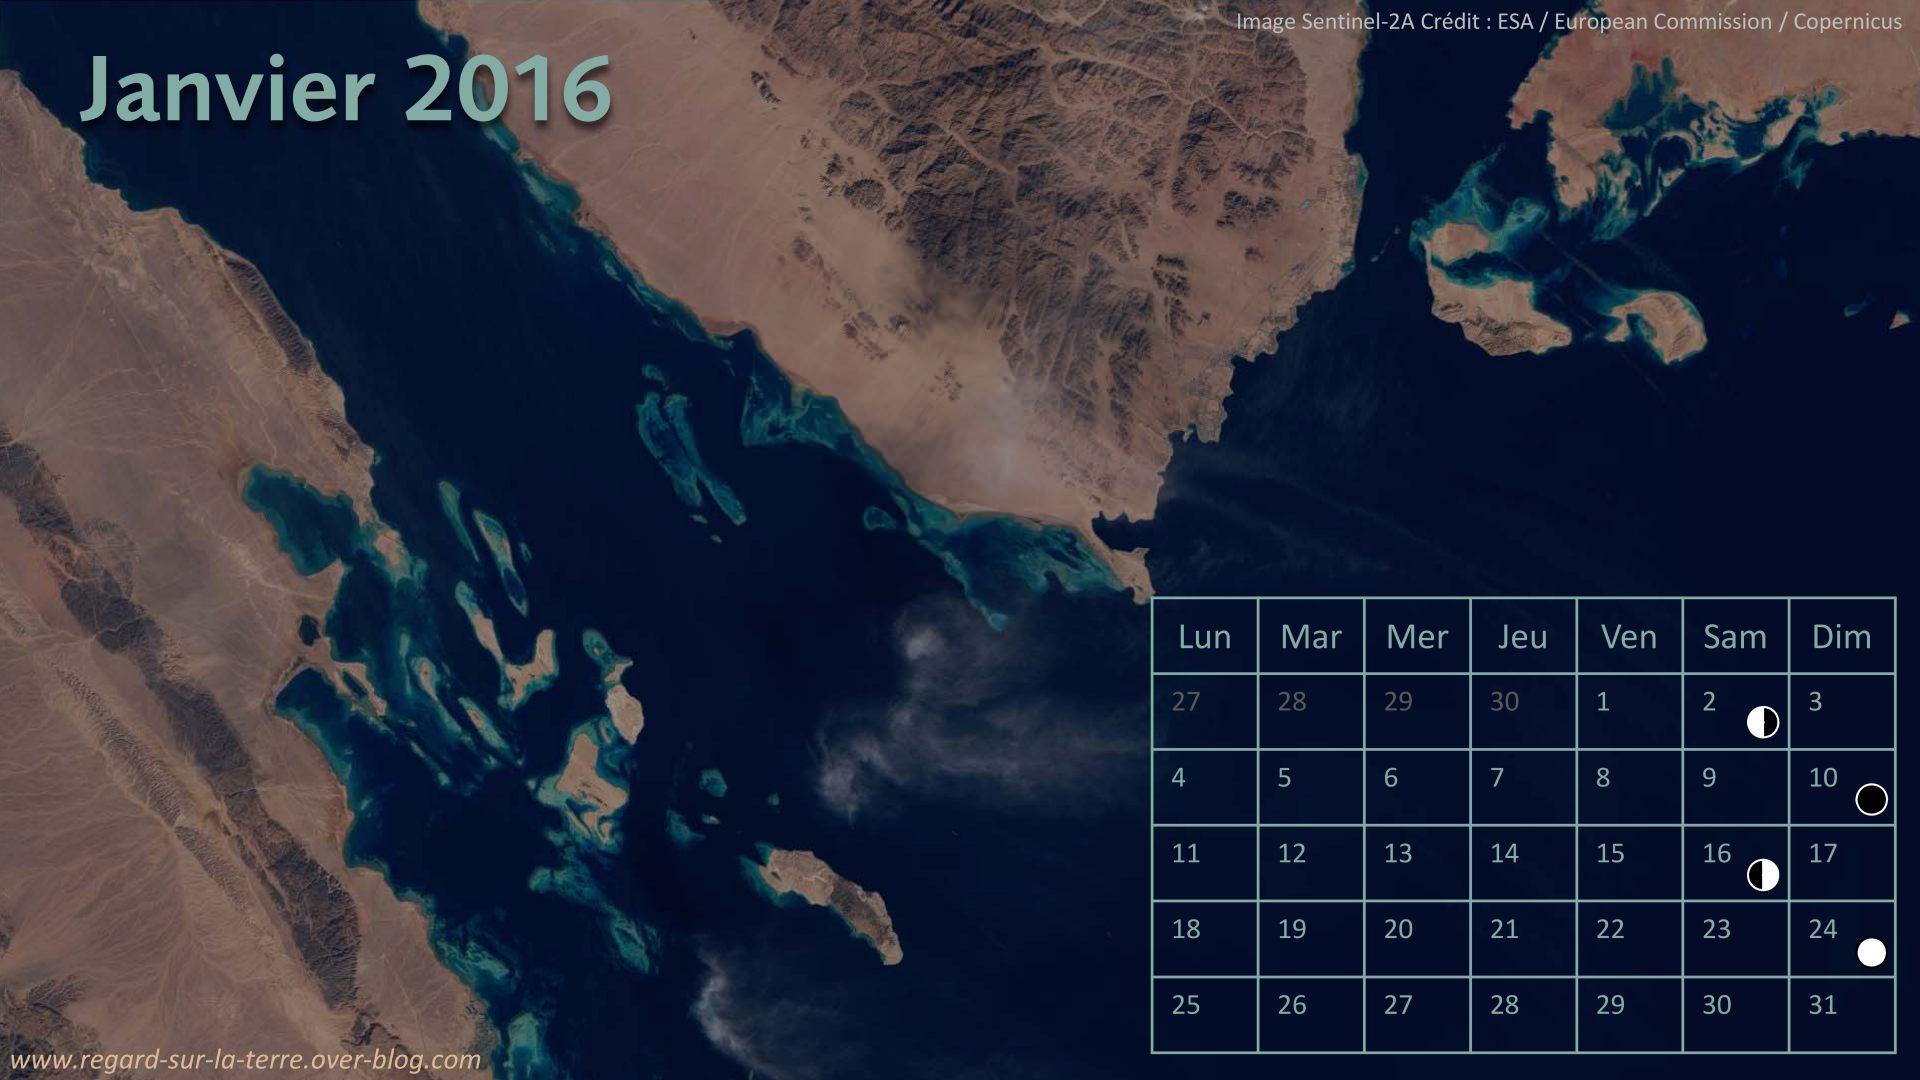 Calendrier spatial - Janvier 2016 - Mer rouge - Sentinel-2 - Drames et accidents dans l'espace - Columbia - Challenger - Apollo 1 - NASA - ESA - Soyouz